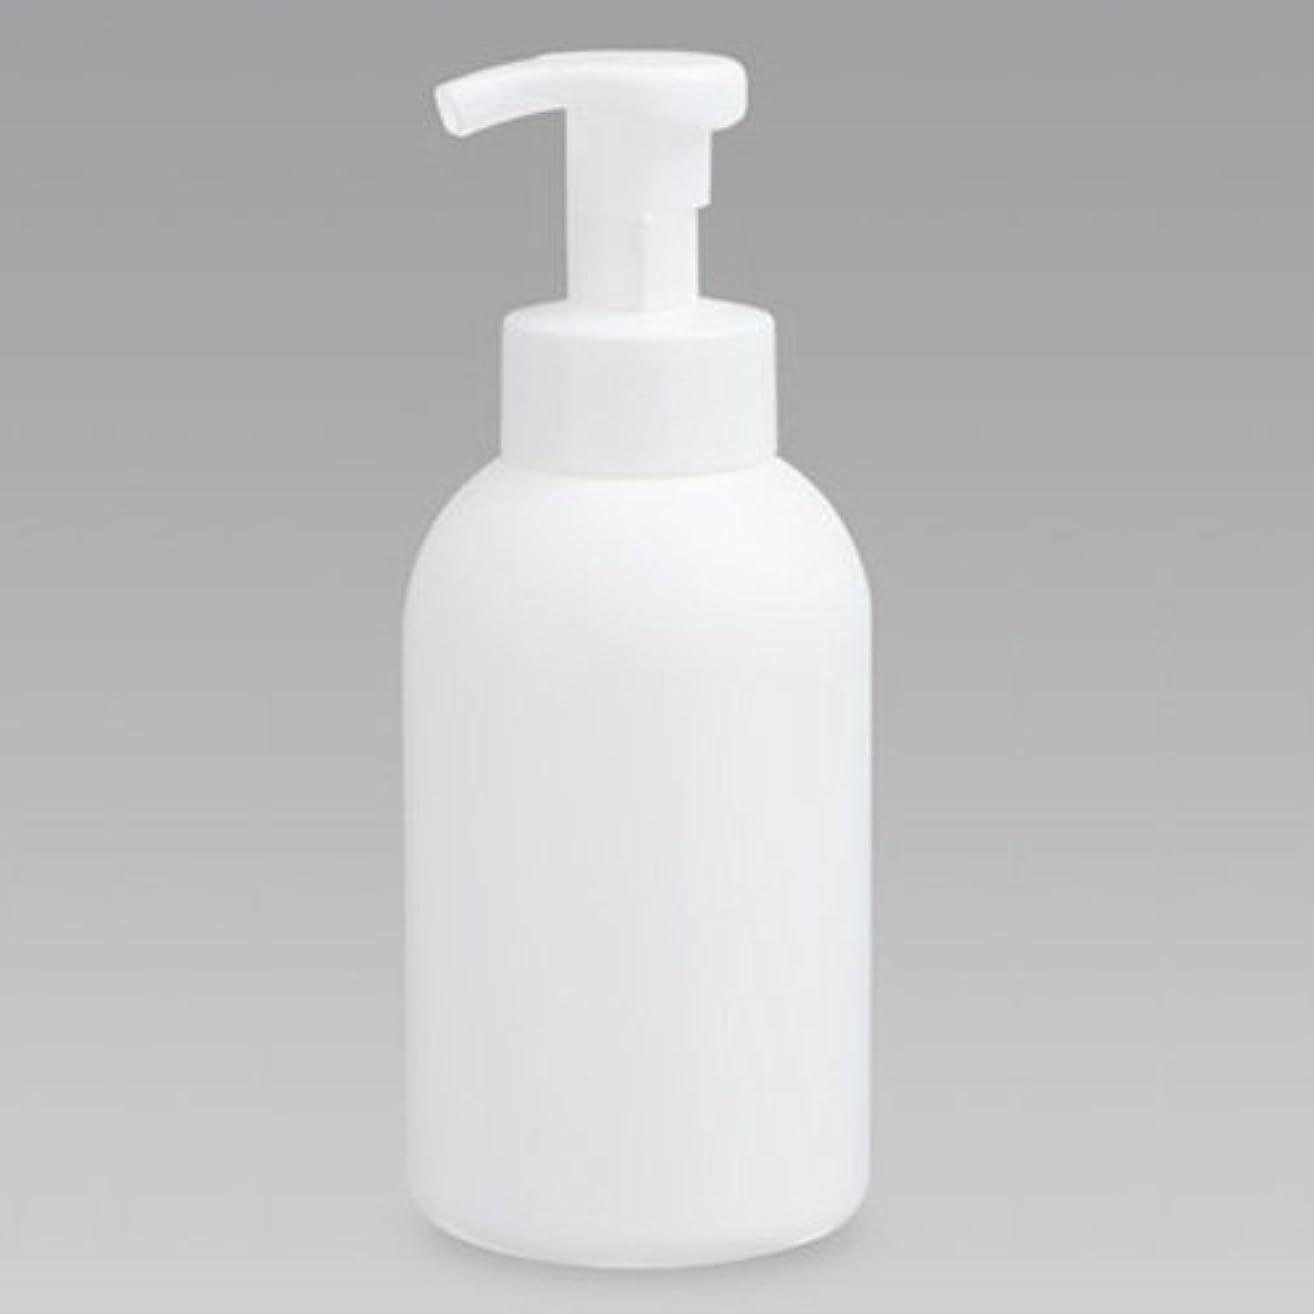 土地慣らすヶ月目泡ボトル 泡ポンプボトル 500mL(PE) ホワイト 詰め替え 詰替 泡ハンドソープ 全身石鹸 ボディソープ 洗顔フォーム